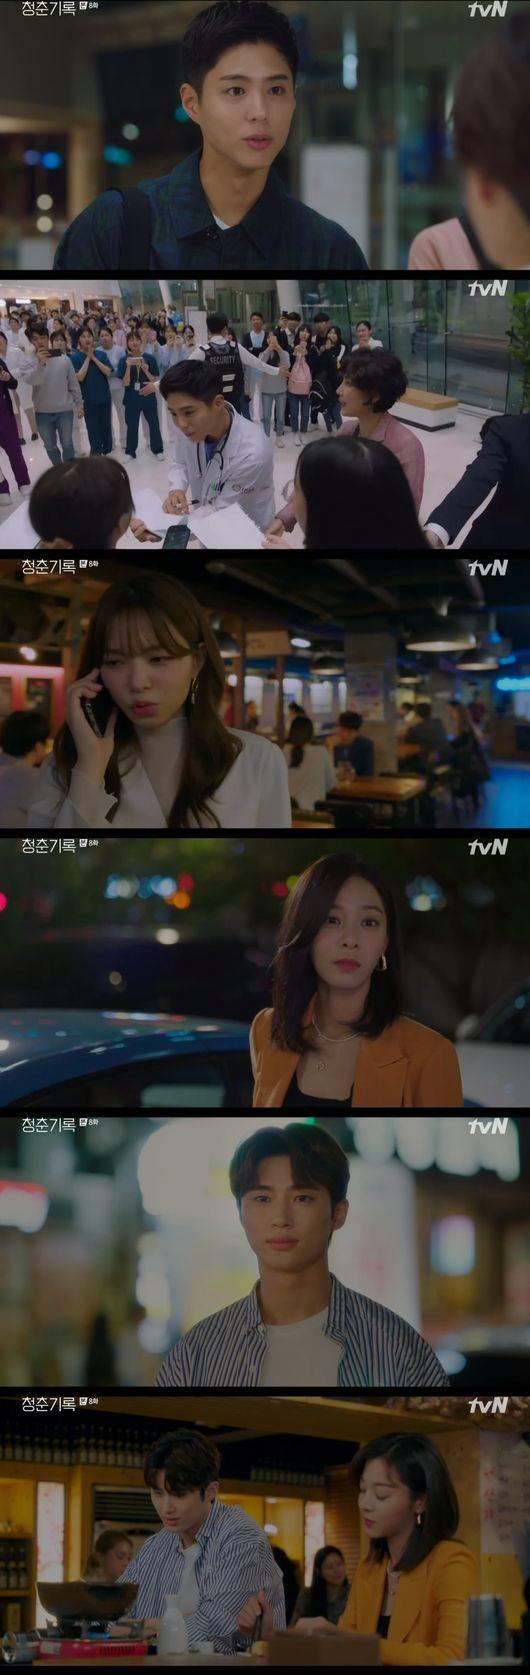 청춘기록 박보검, 드라마 대박으로 스타 등극→설인아 무시…박소담과 굳건한♥ [종합]